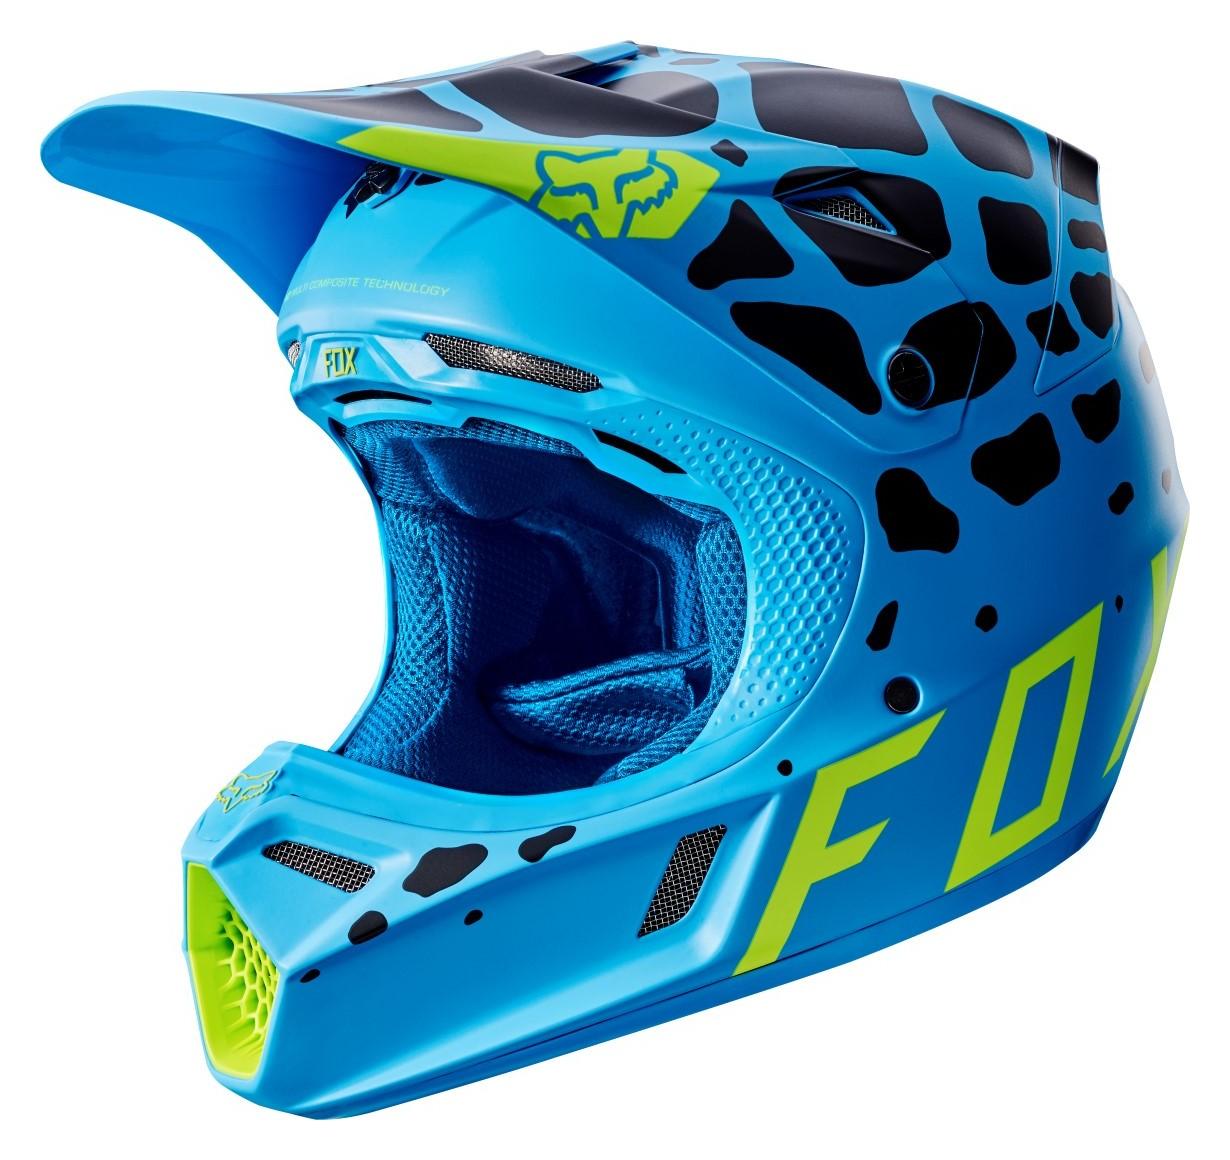 Fox Racing V3 Grav Helmet Revzilla